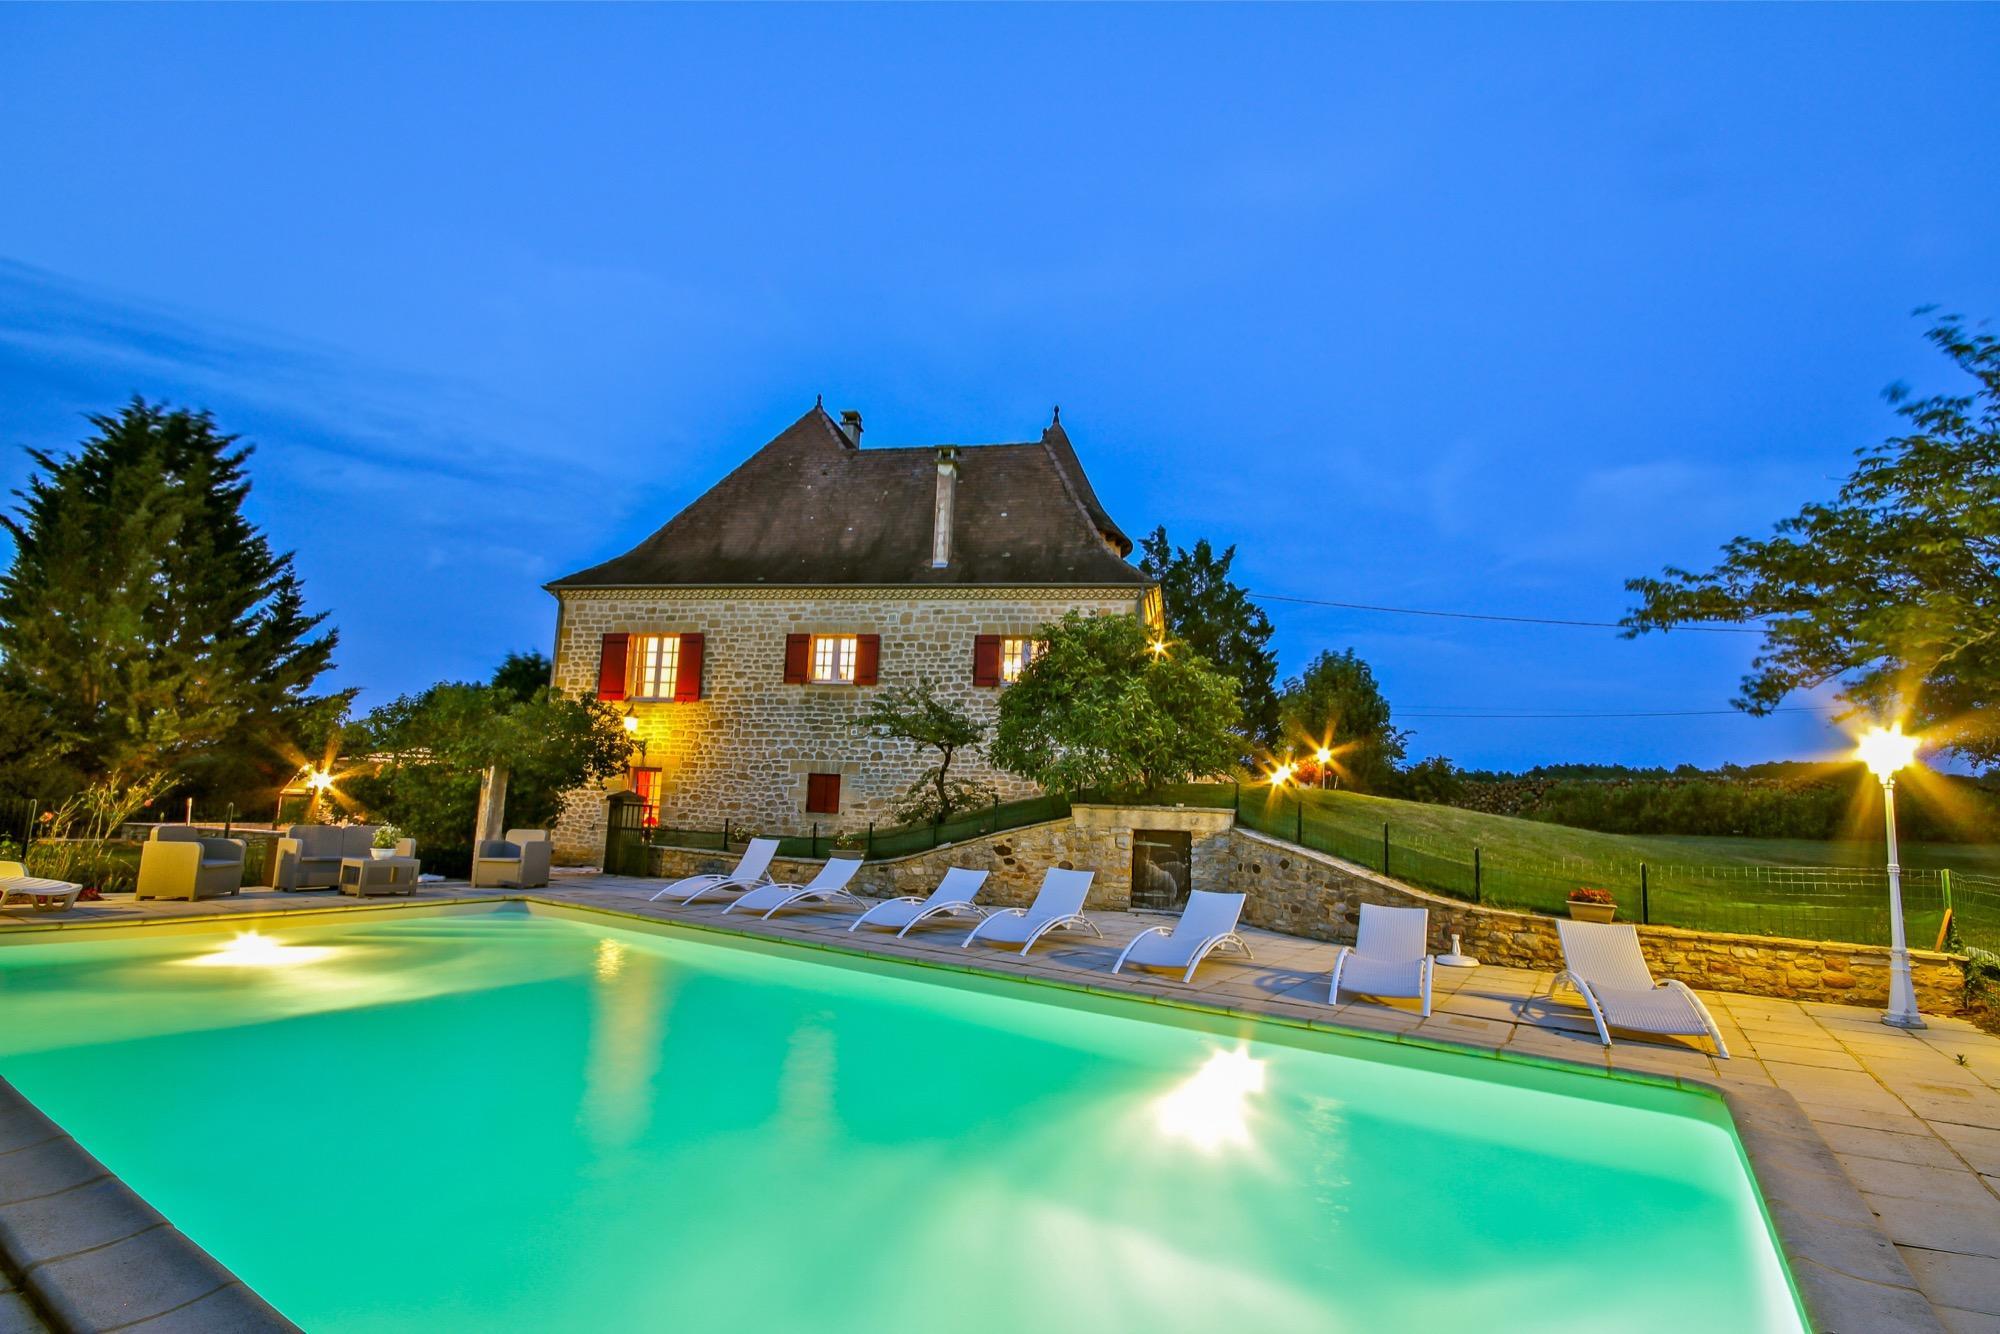 Location Maison Vacances Piscine Intérieure Sarlat ... dedans Location Dordogne Piscine